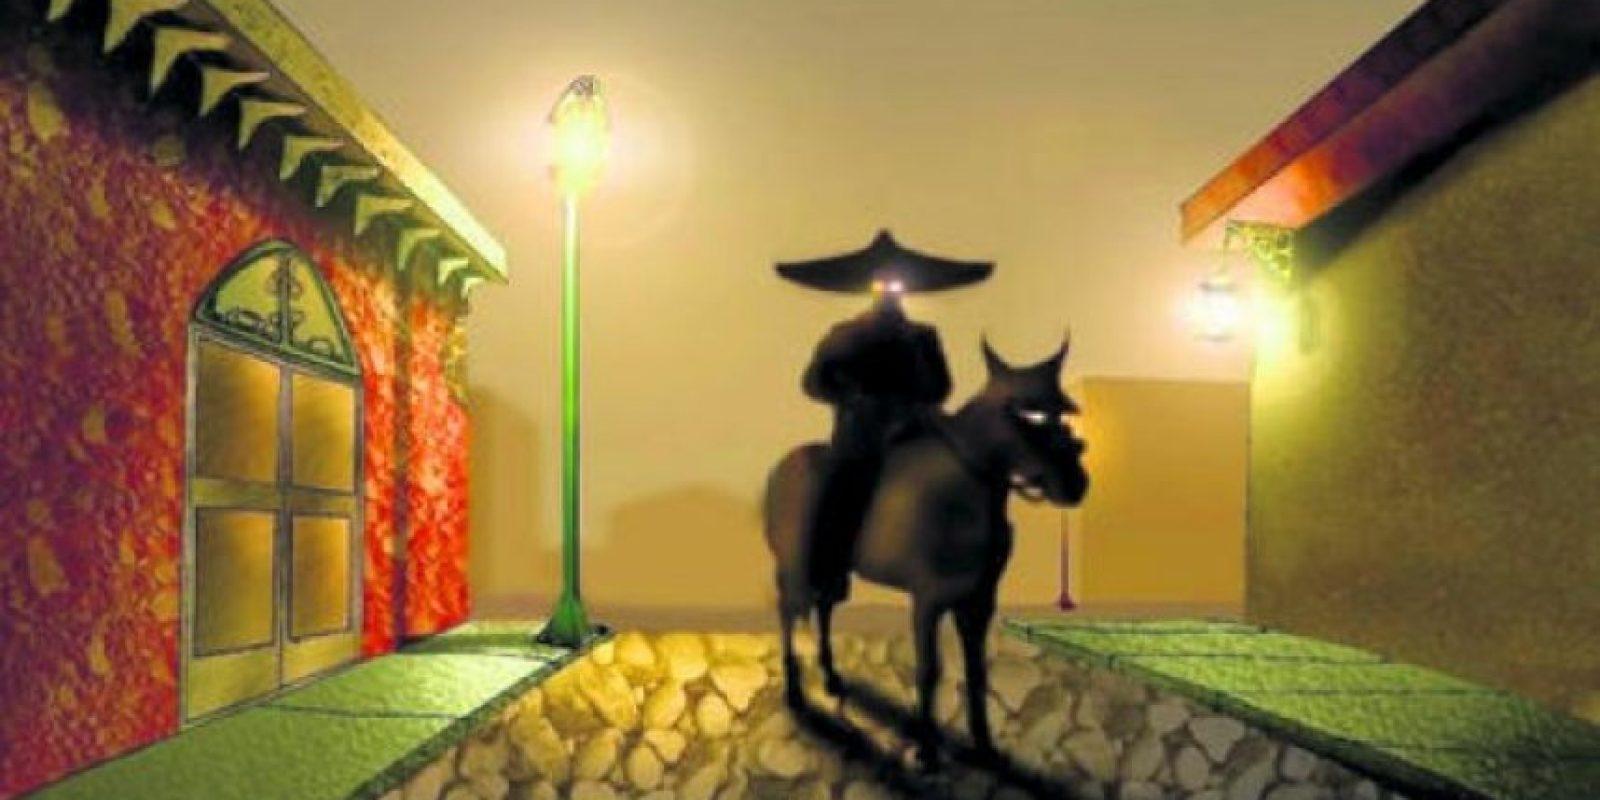 """Hoy, desde las 18 horas, en el parque San Sebastián se presentará la obra """"La noche de las leyendas"""". Admisión gratuita"""